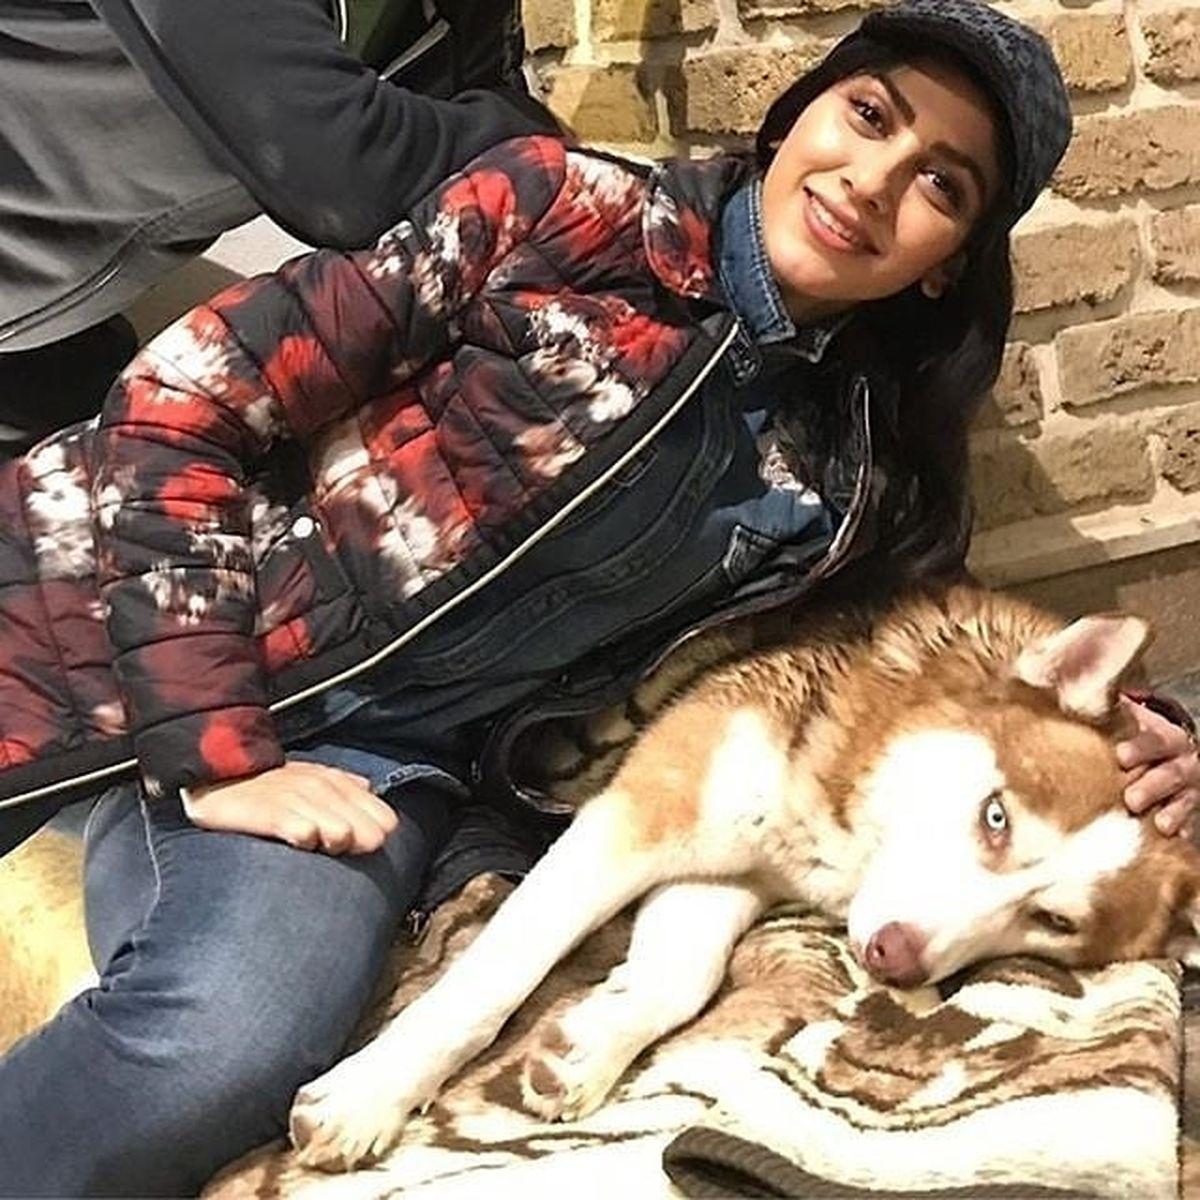 سگ وحشتناک و عجیب مونا فرجاد + عکس